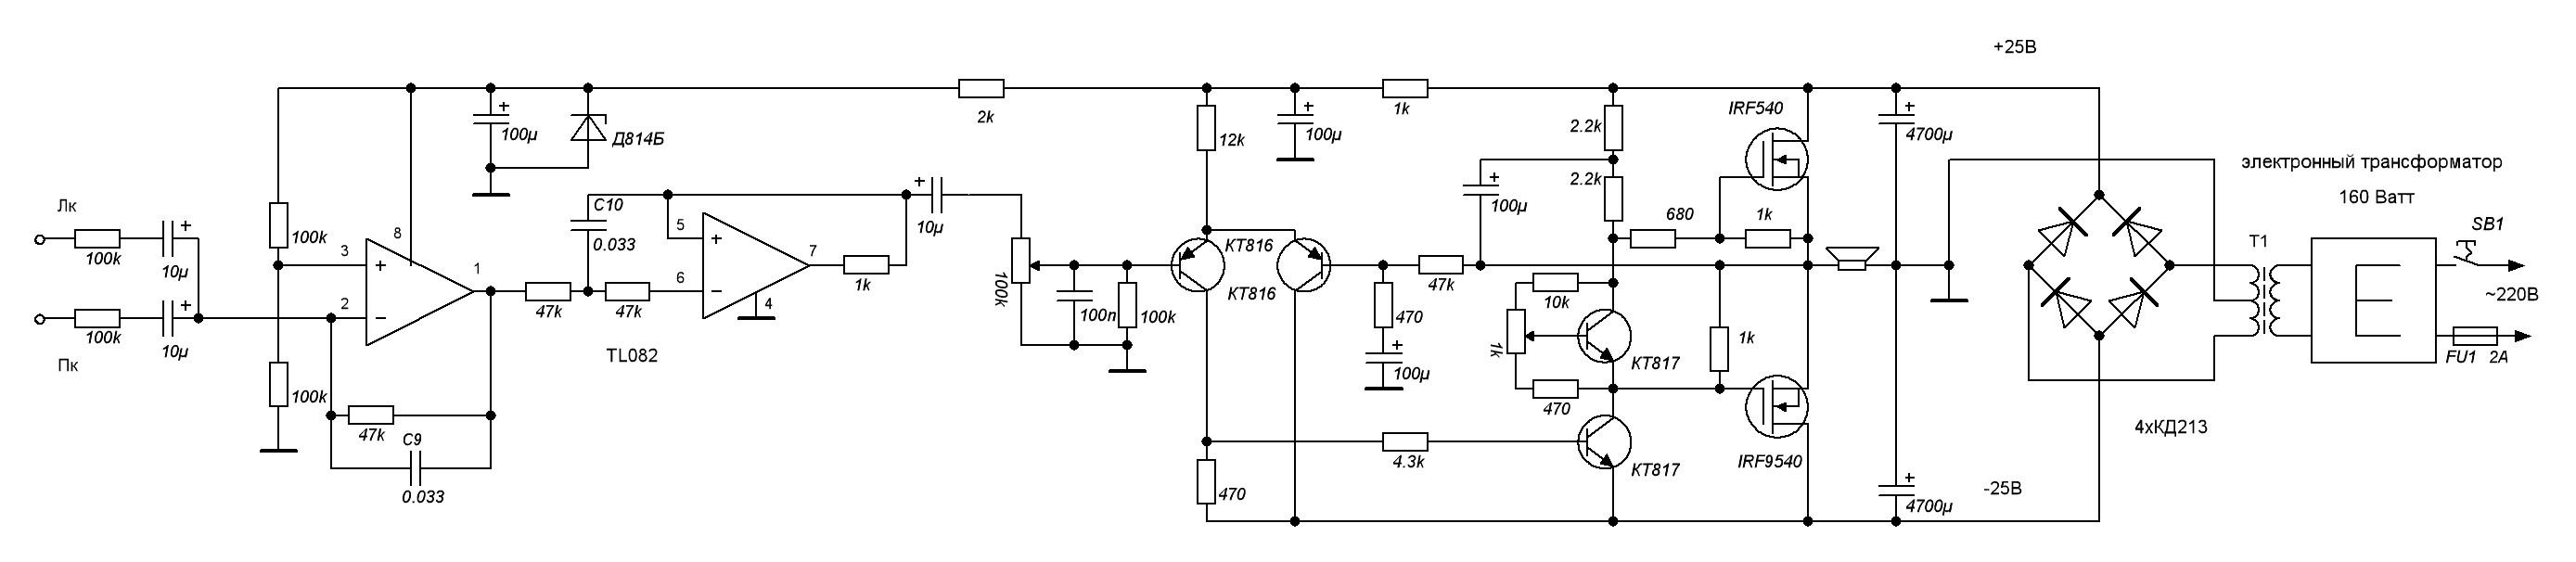 Трансформатор своими руками схема Схемы датчиков